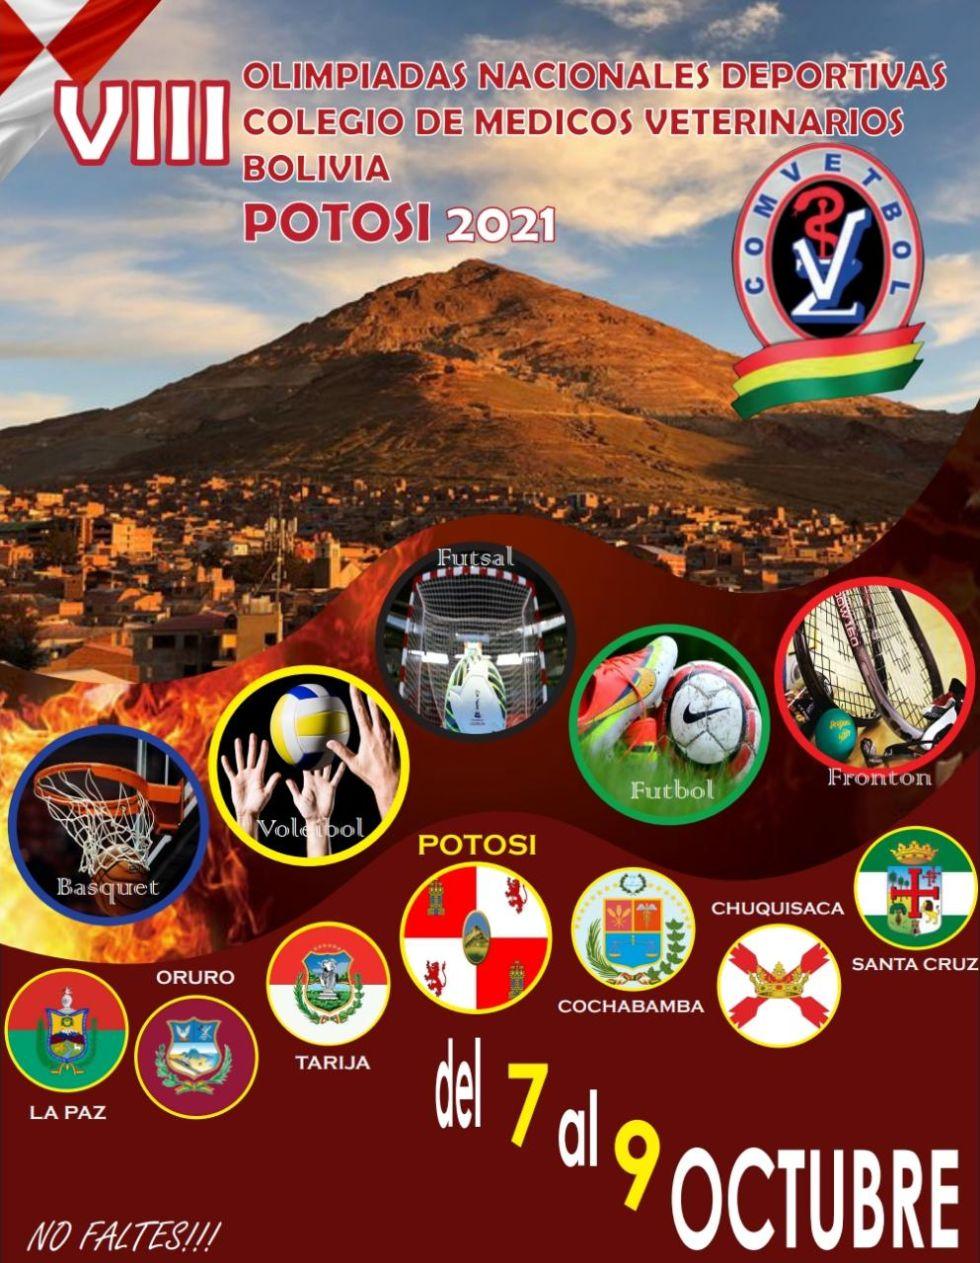 Colegios de veterinarios de Bolivia se reúnen en Potosí para olimpiada deportiva